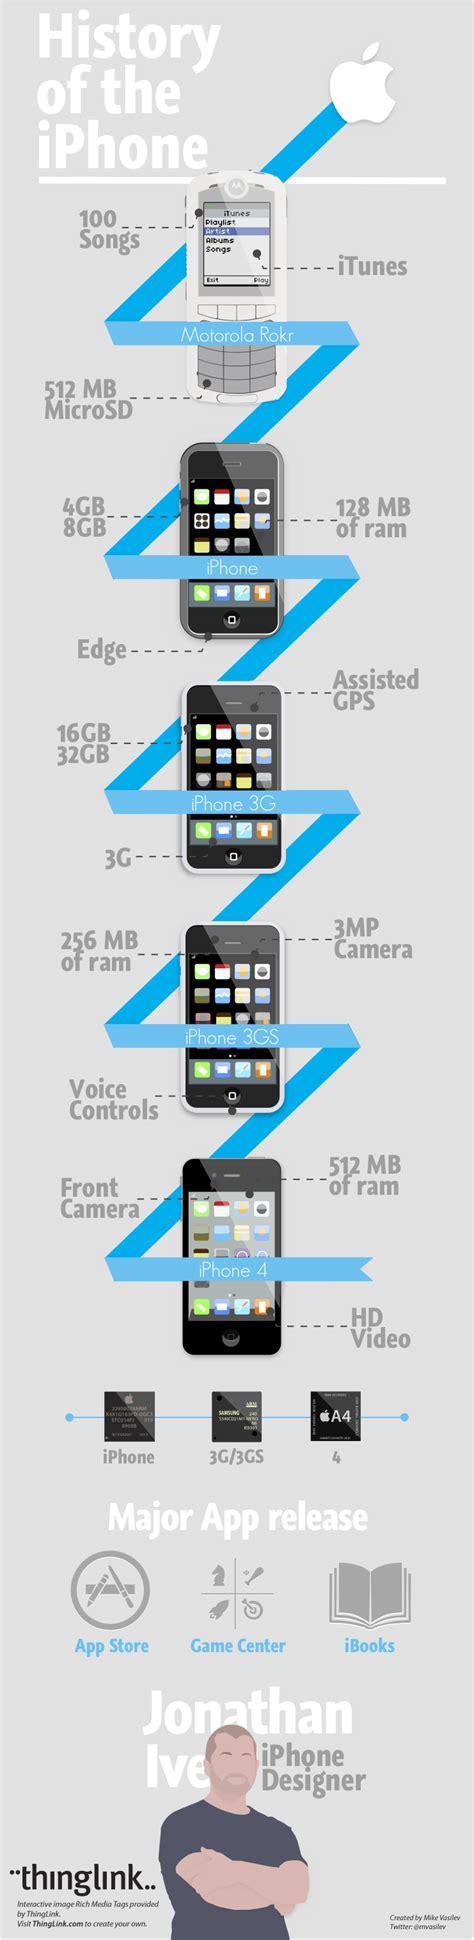 epic tech fails     infamy infographic